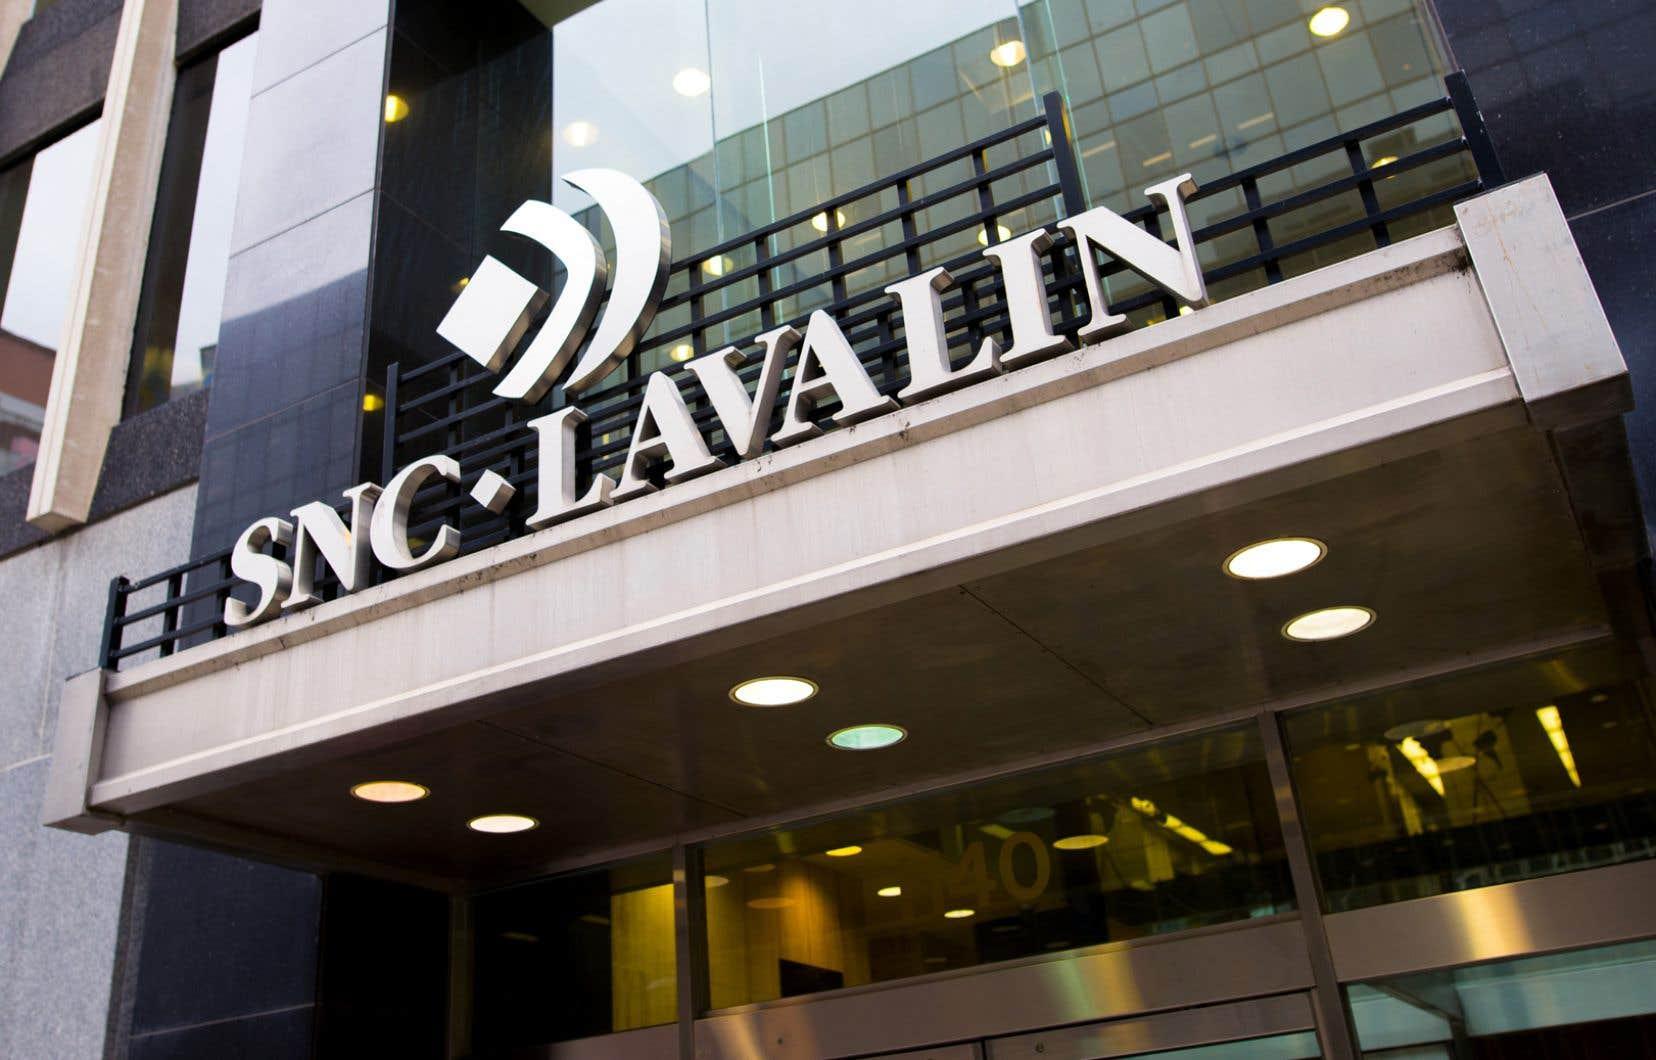 Le siège social de la firme d'ingénierie SNC-Lavalin se trouve actuellement au centre-ville de Montréal.